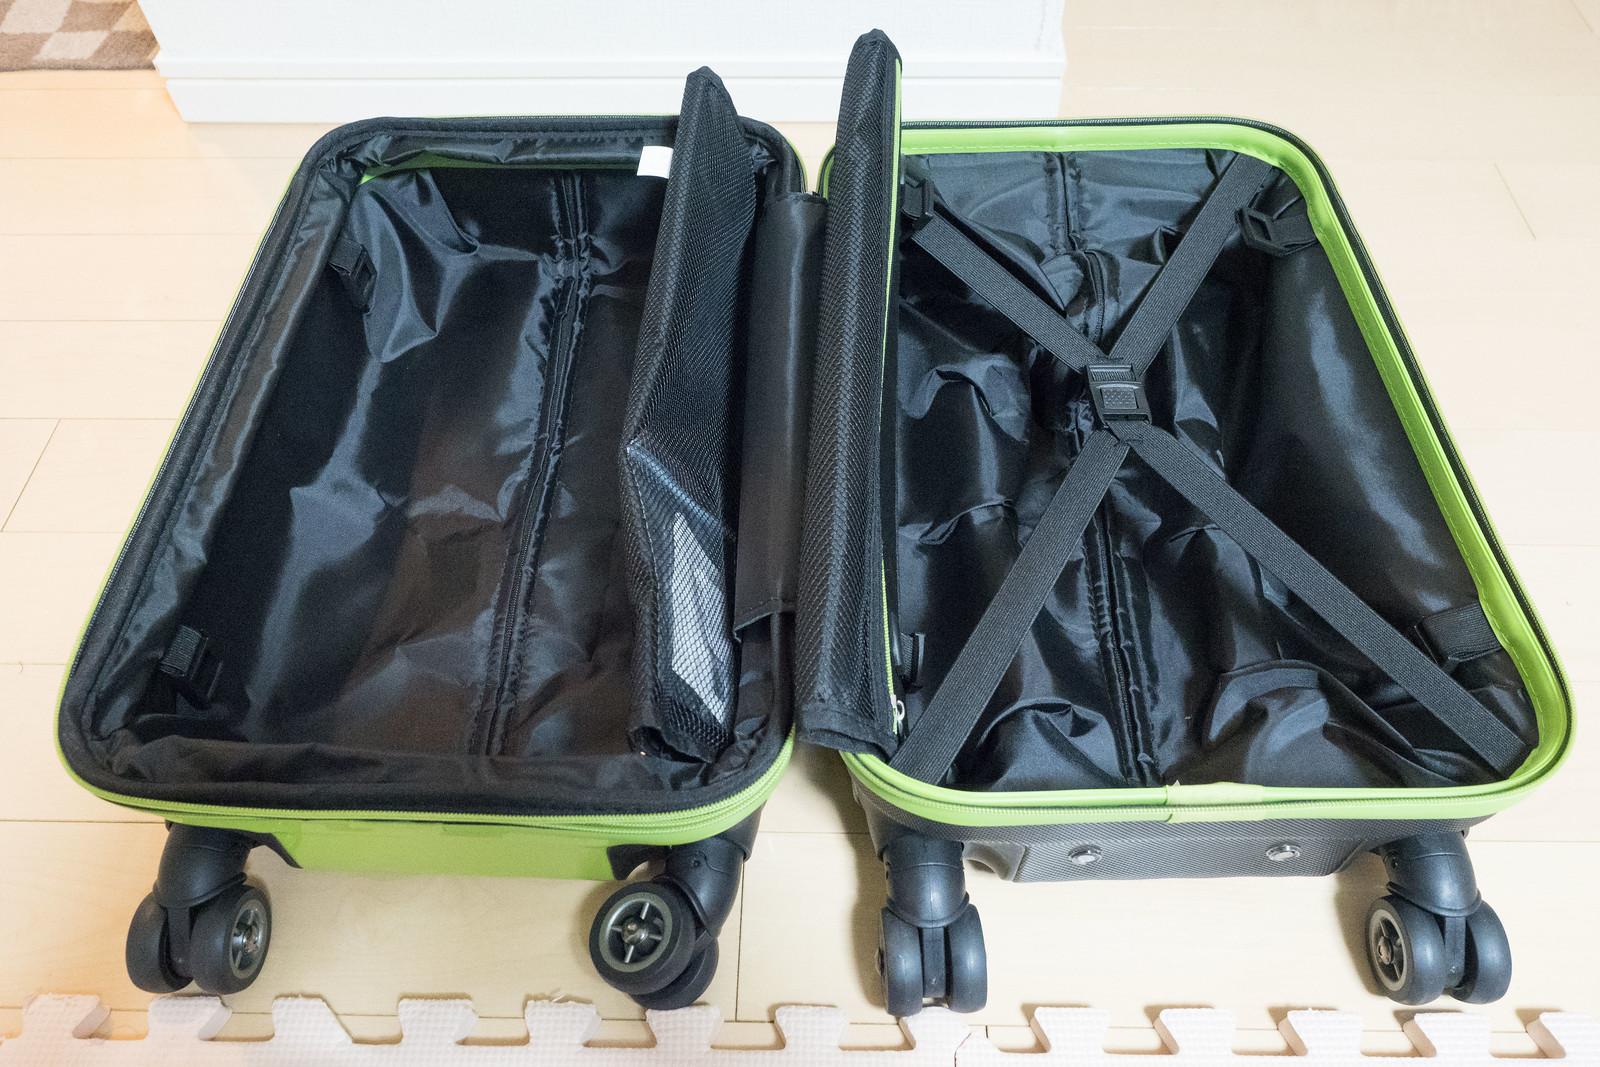 suitcase-15